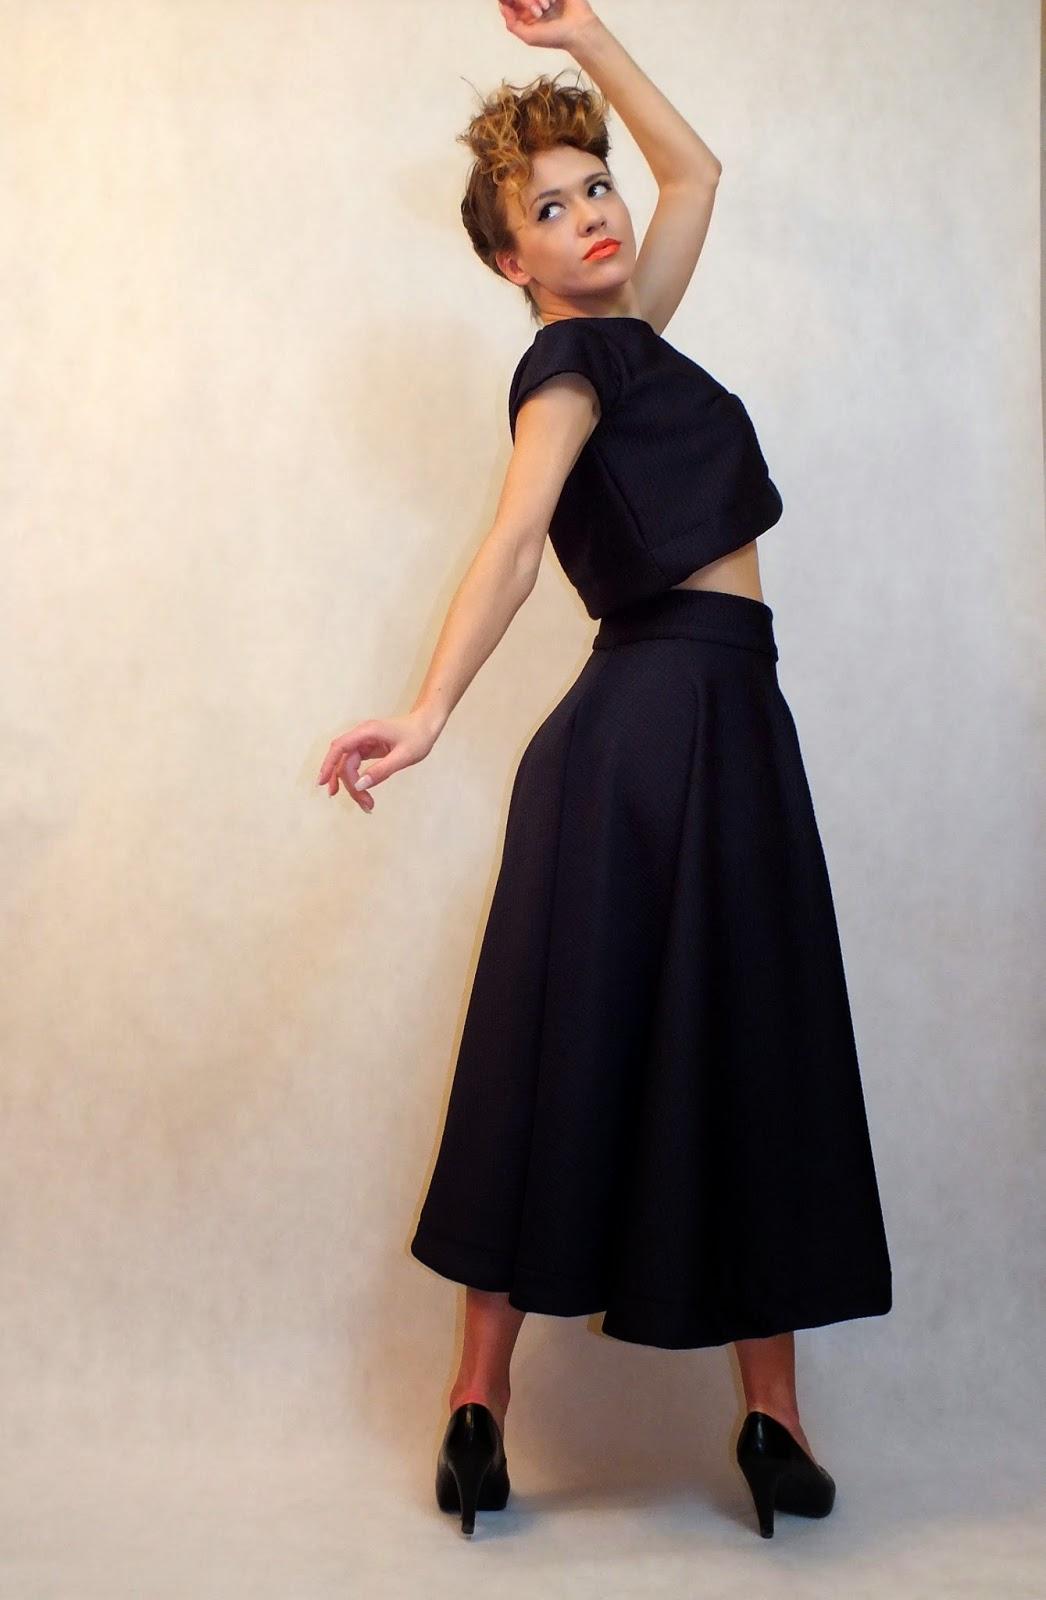 granatowy komplet, długa spódnica, spódnica maxi, MARACHIC, spódnica od młodych projektantów, spódnica 3/4, rozkloszowana spódnica, krótki top,odważny zestaw,